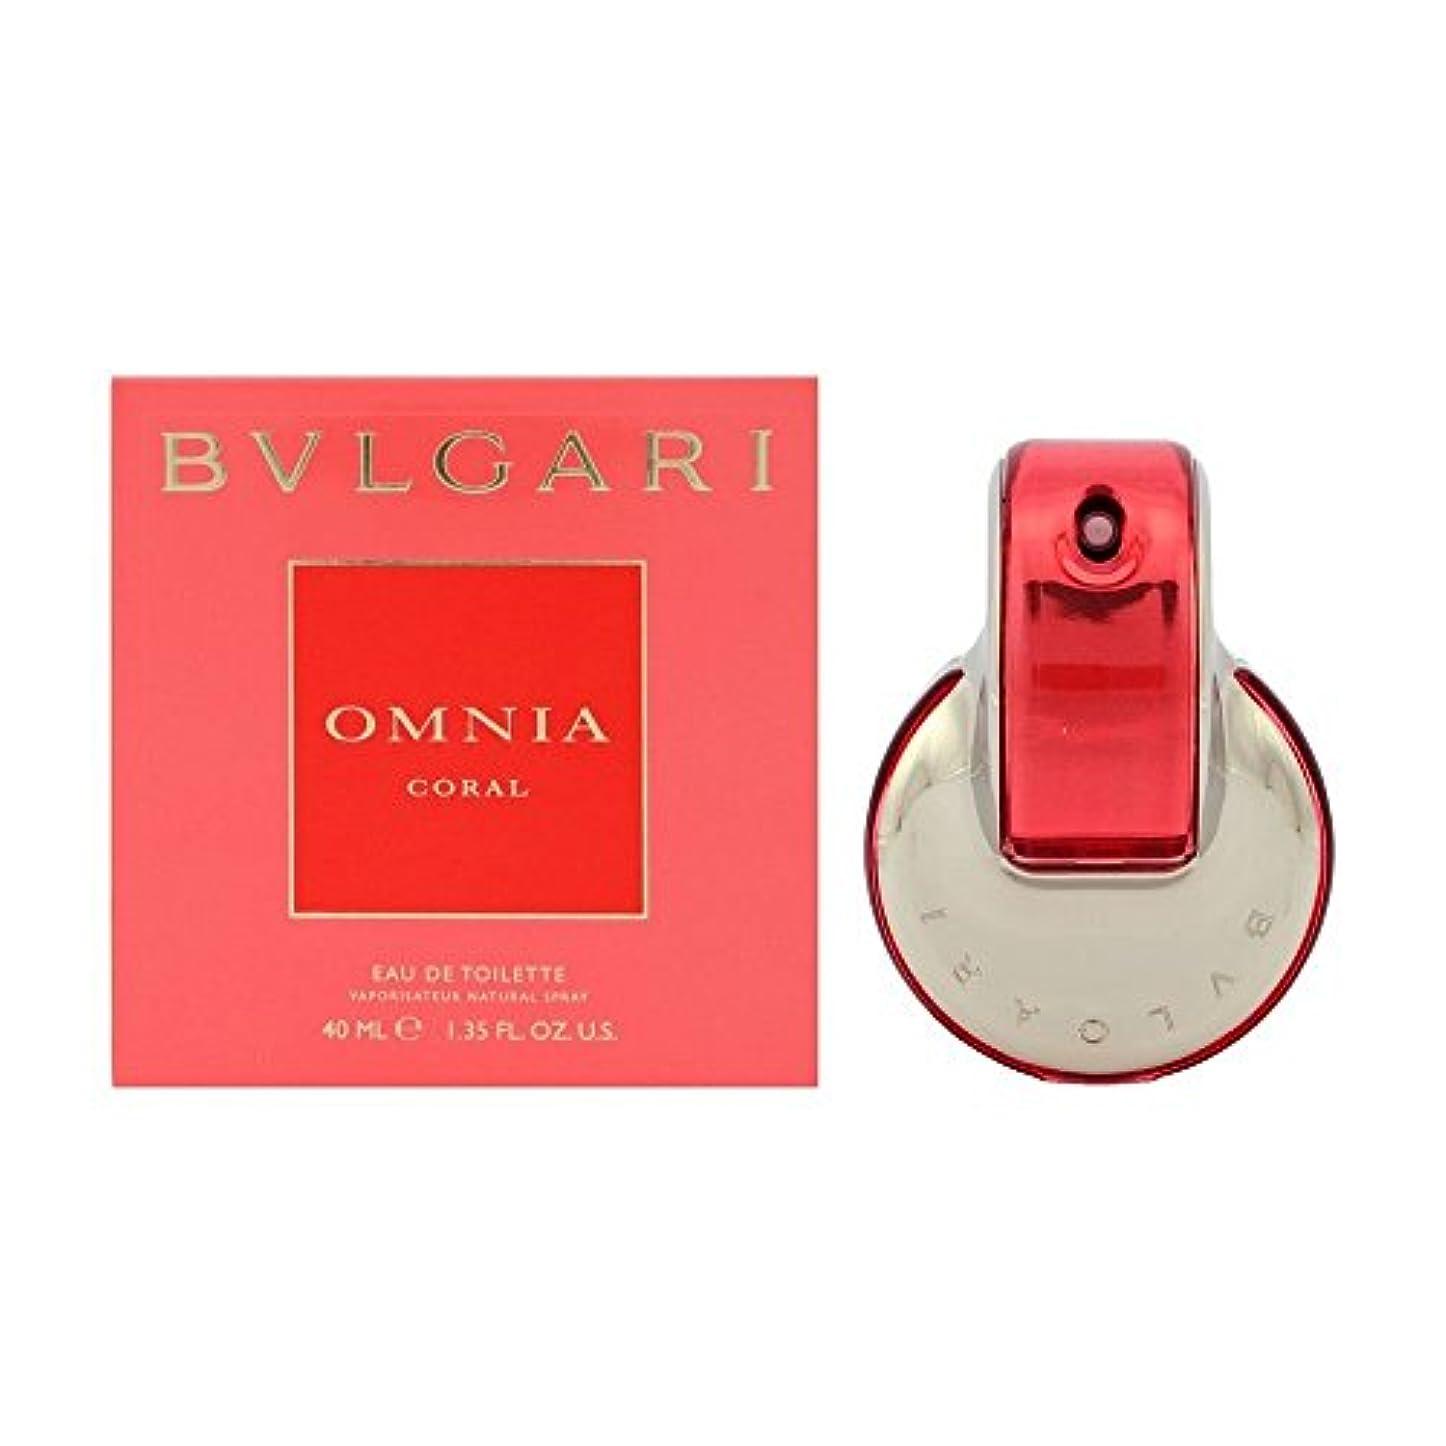 集団前者おもしろいBVLGARI オムニア コーラル レディース 香水 ET/SP/40ml 4033-BV-40 [並行輸入品]